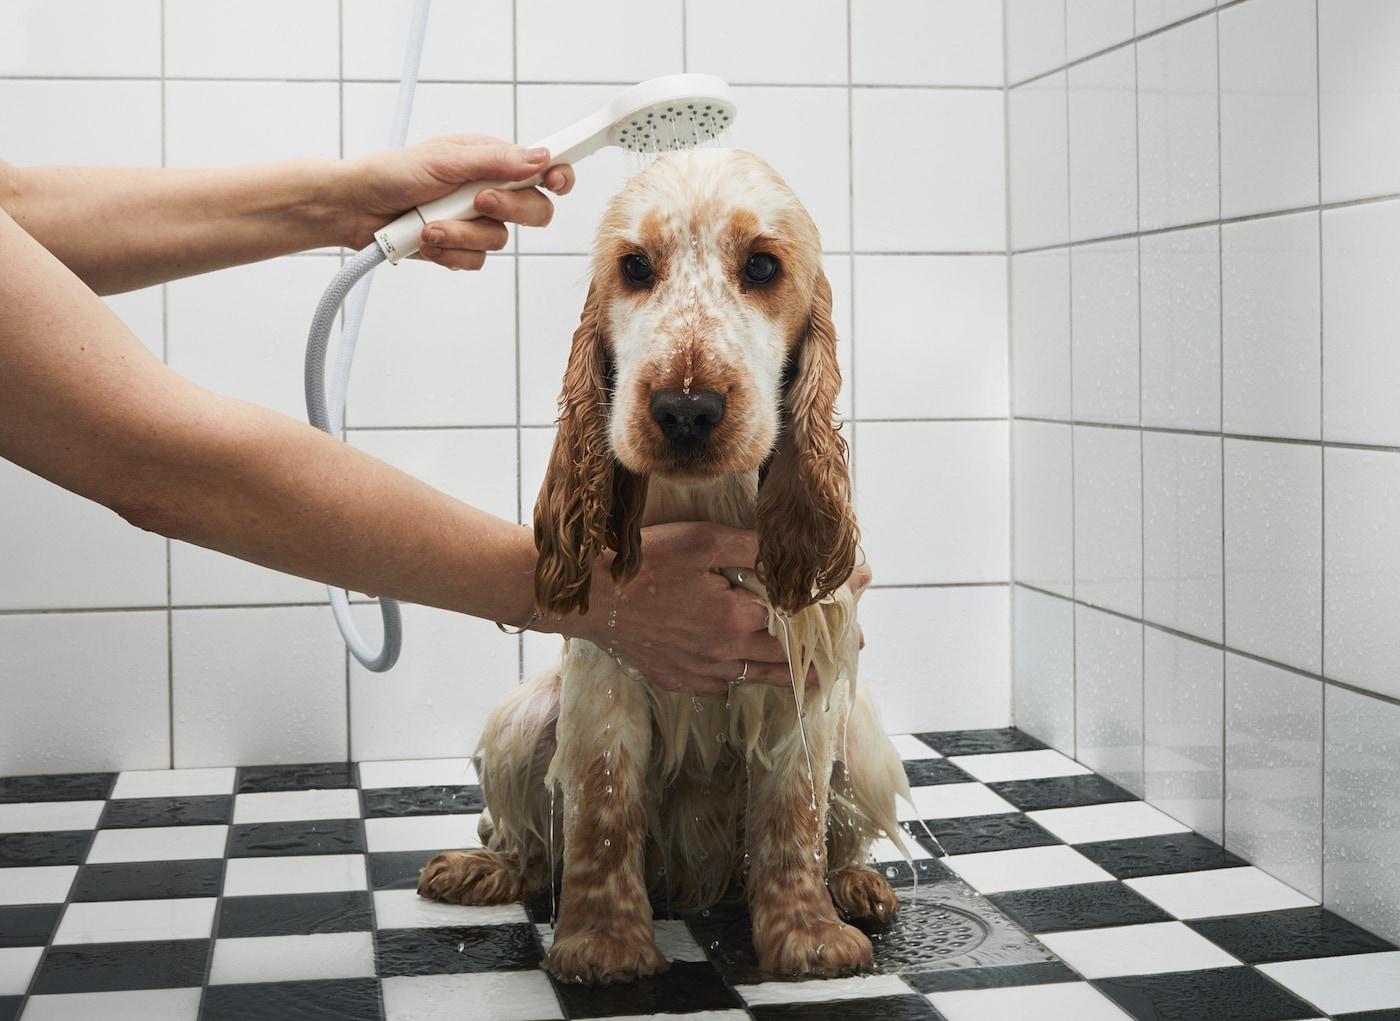 En hund bliver vasket med en håndbruser på et badeværelse.